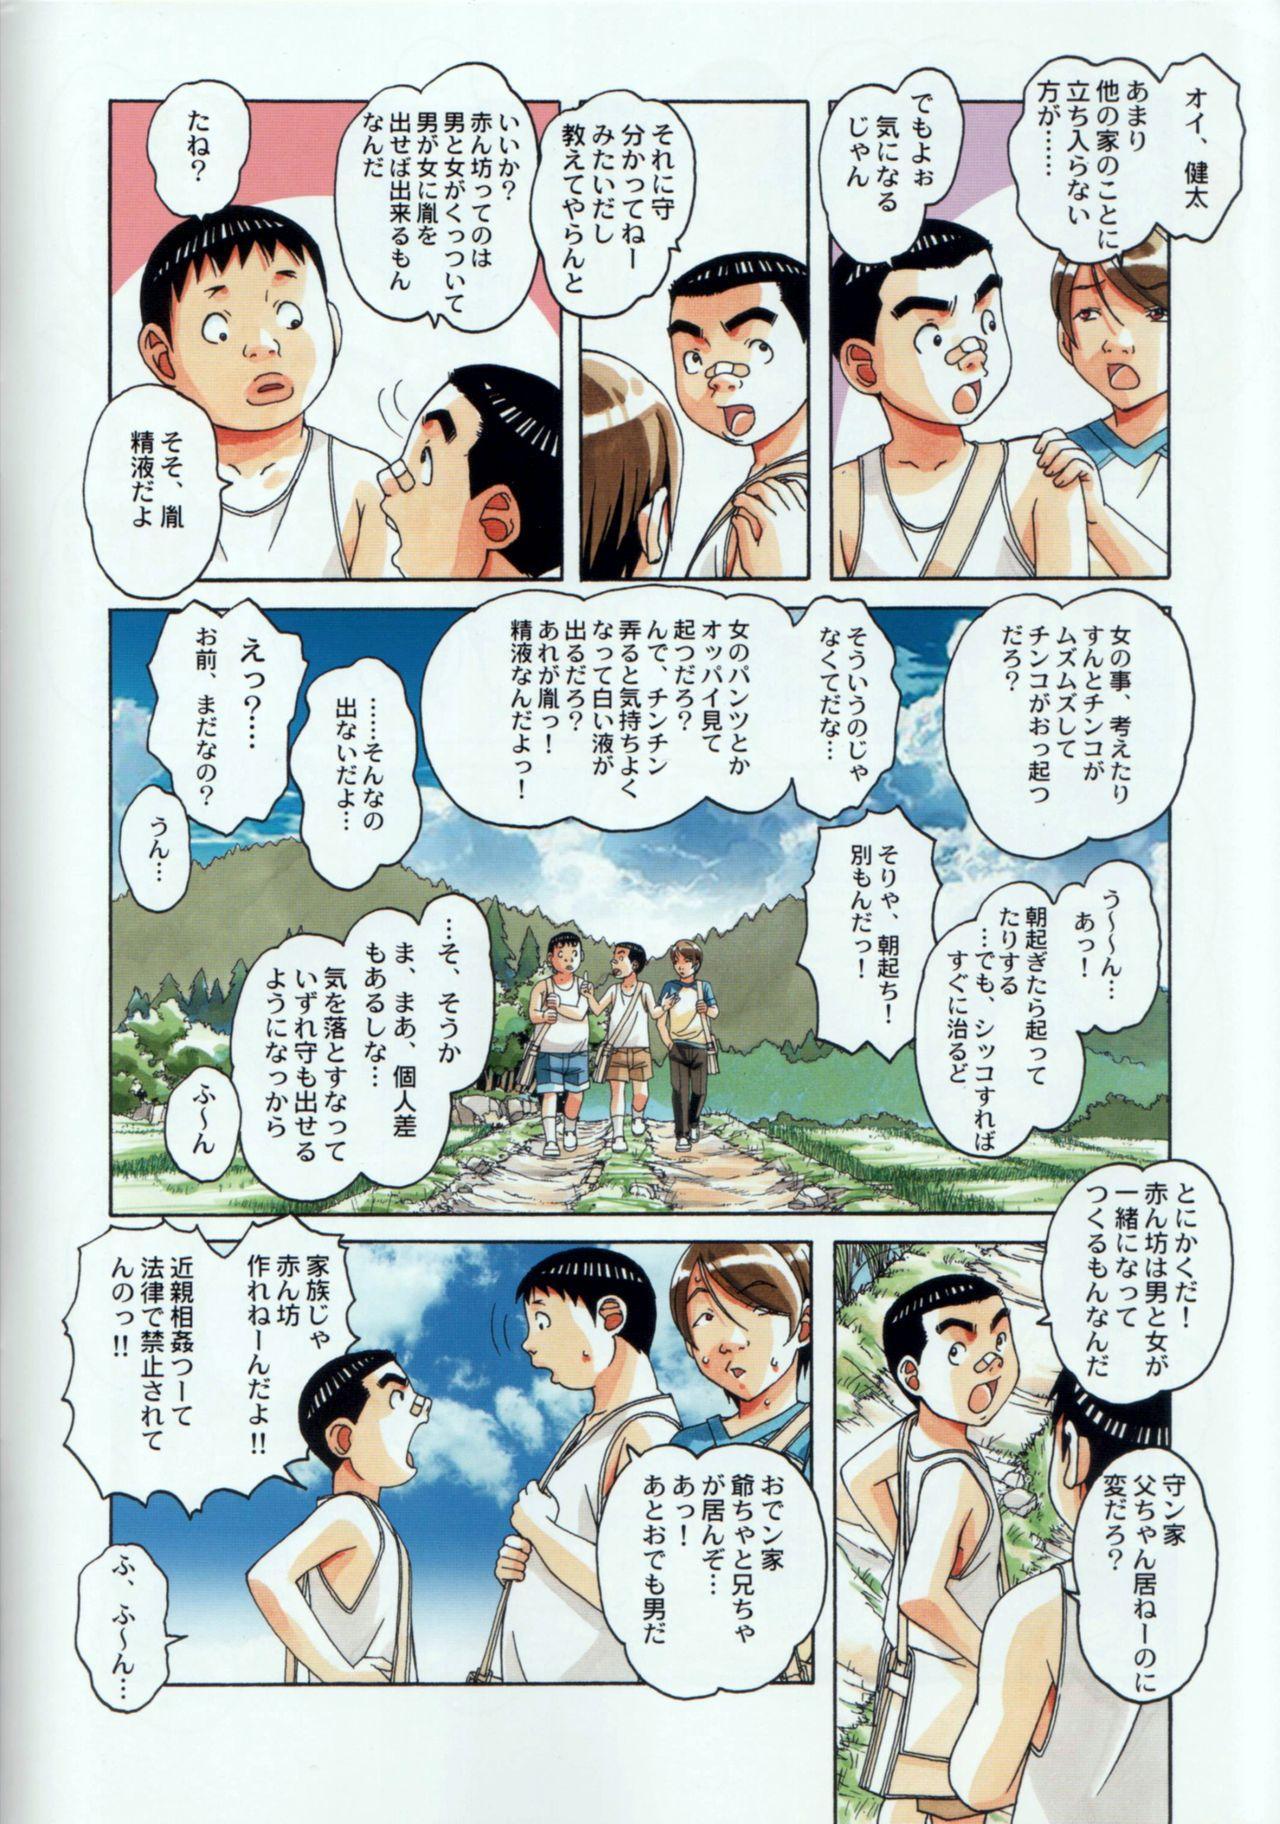 Kainuma Mura no Seikatsu Jijou 1 Gifuyome Chigusa 9